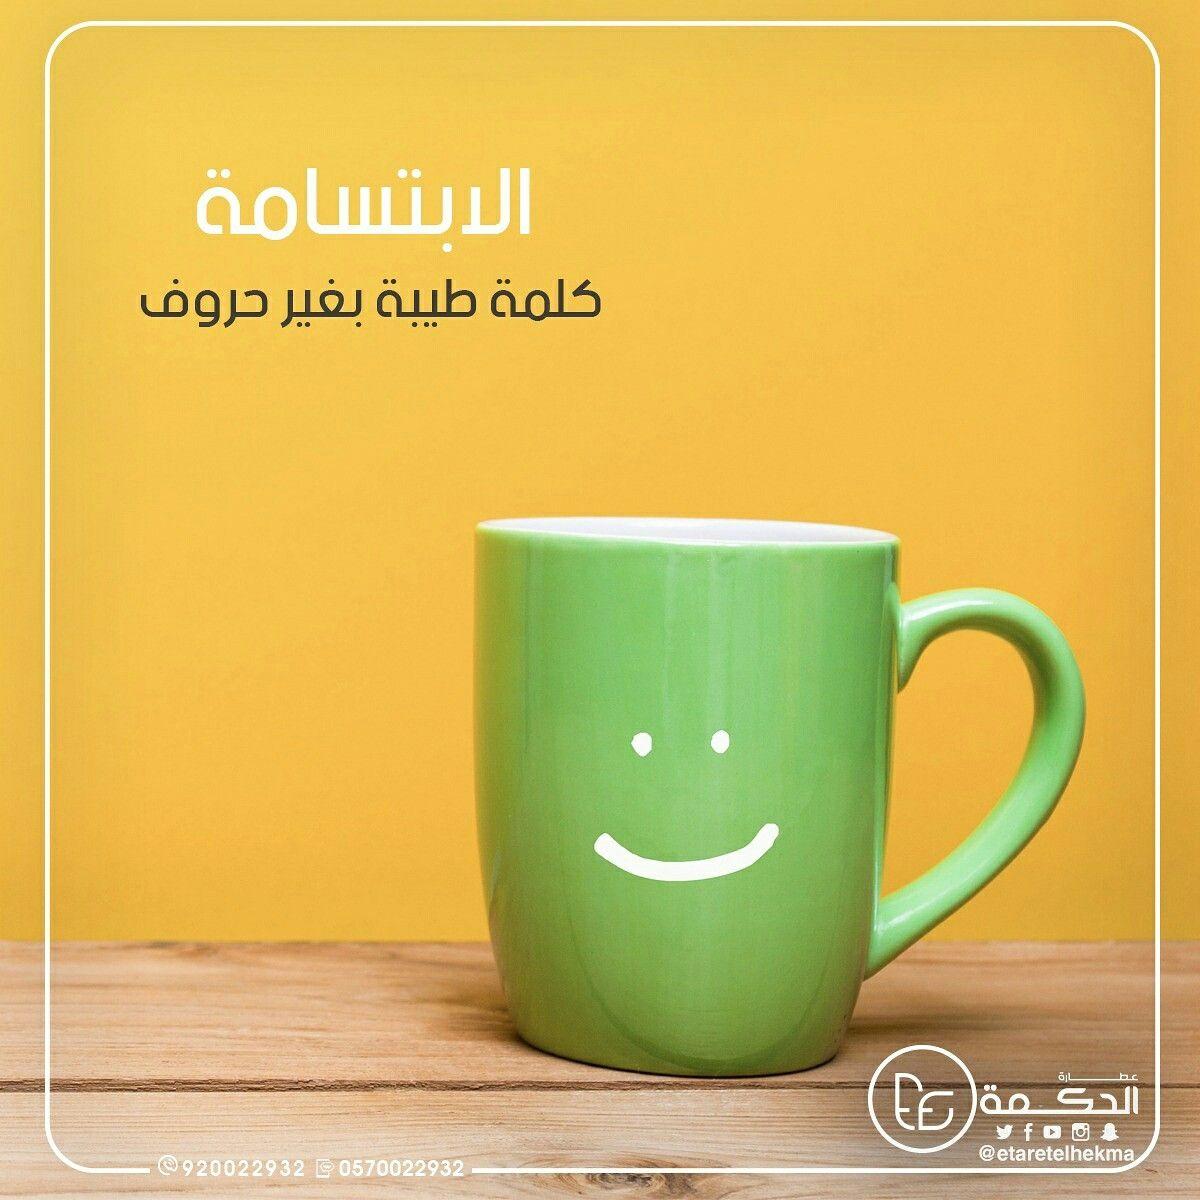 الابتسامة كلمة طيبة بغير حروف عطارة الحكمة الاختيار الطبيعي Glassware Natural Herbs Mugs